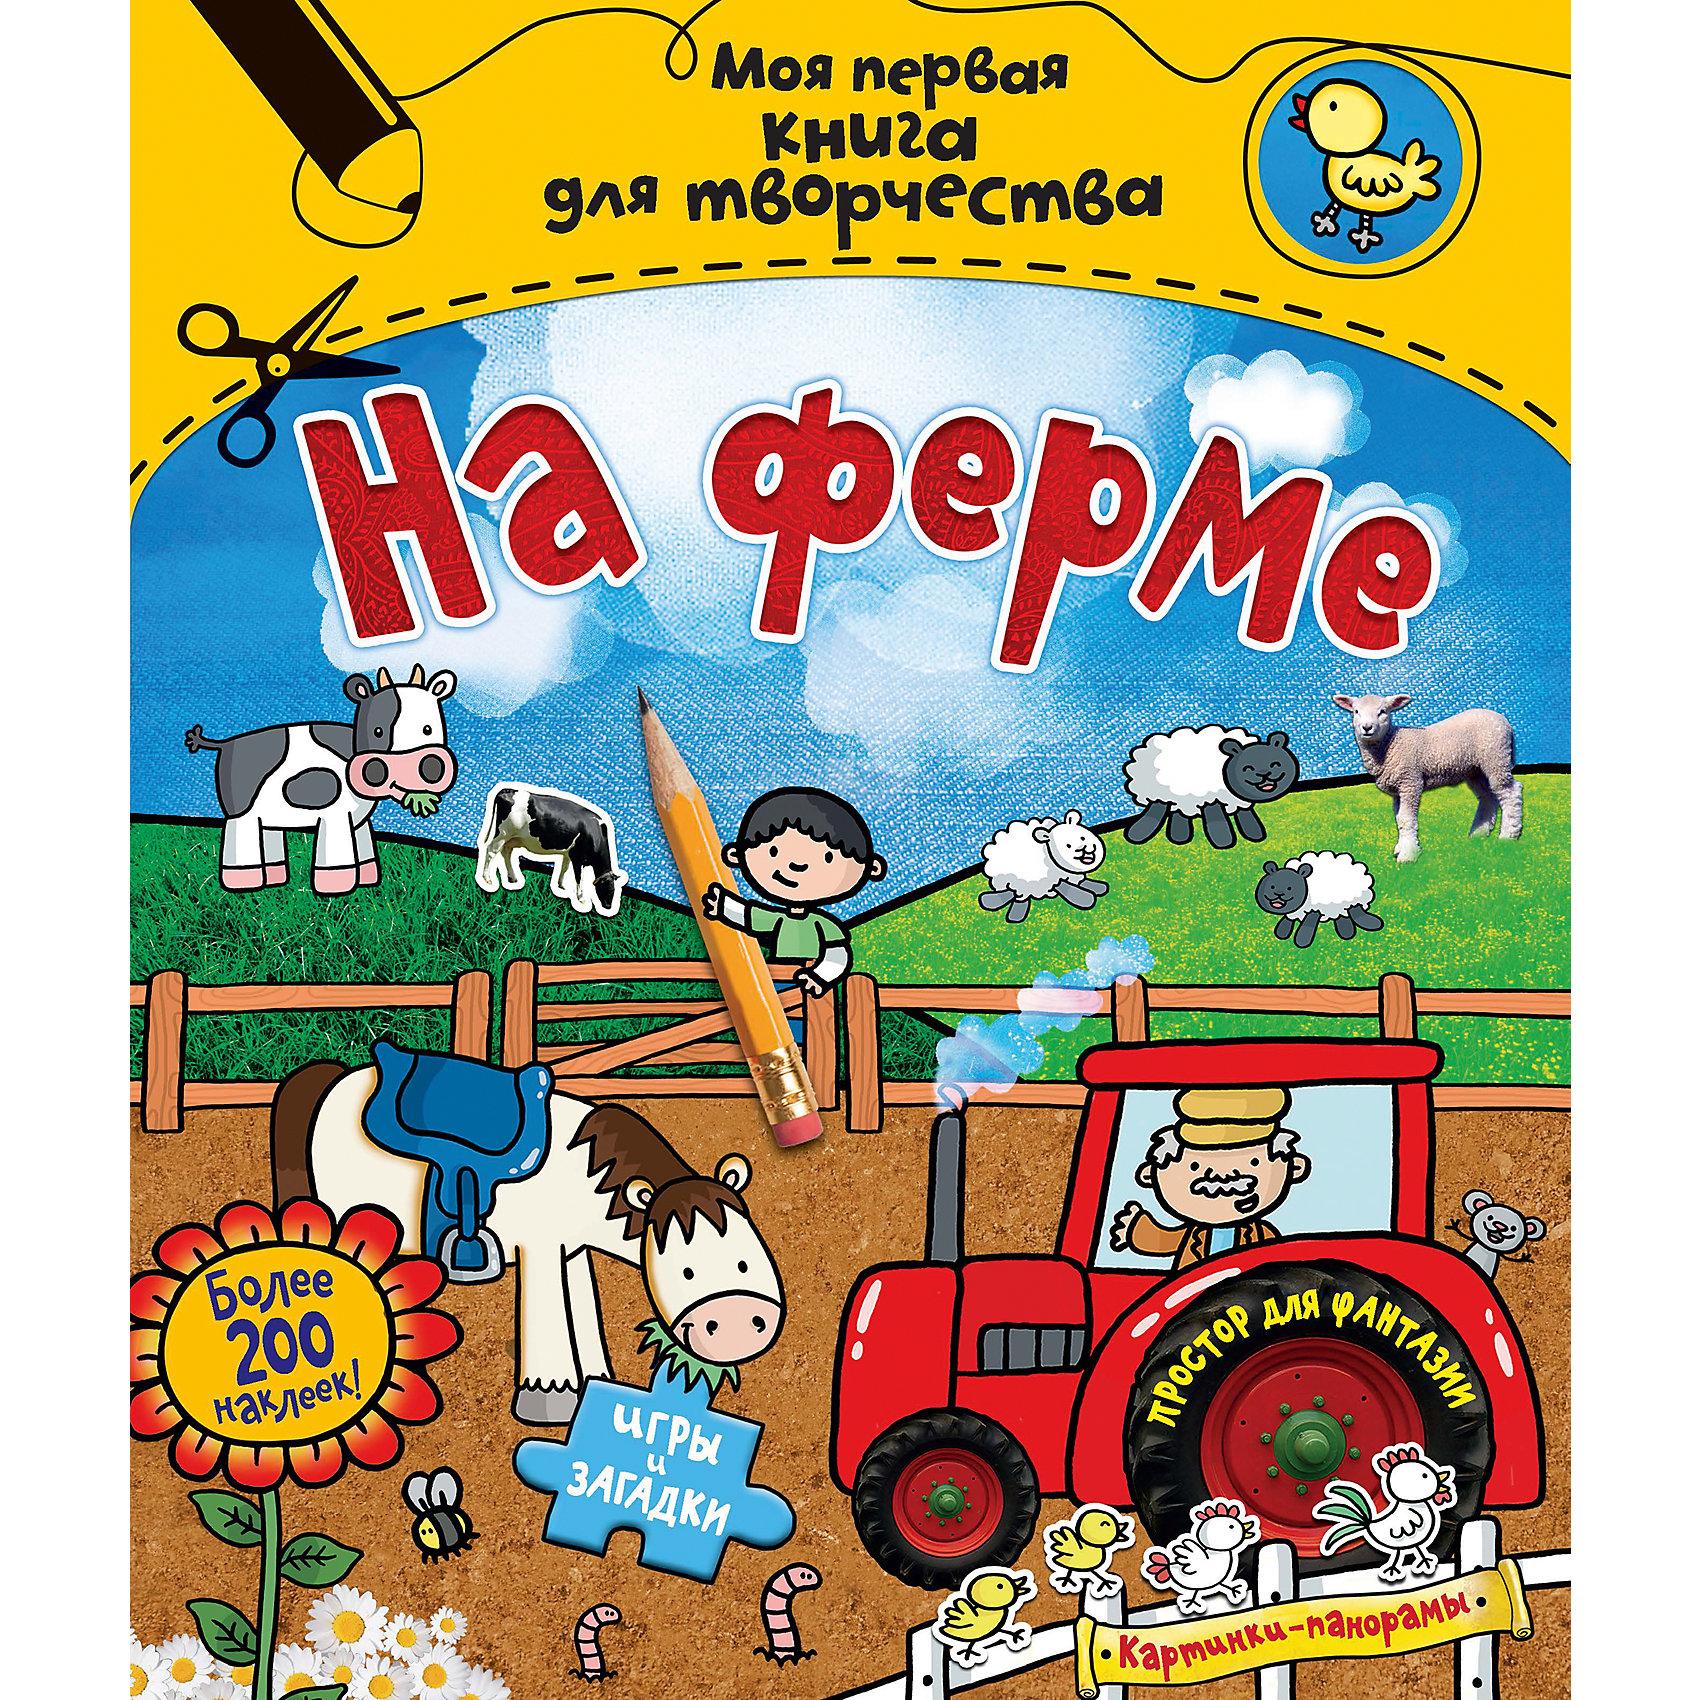 На ферме, моя первая книга для творчестваРисование<br>В этой книжке много веселых и познавательных страниц про жизнь домашних животных и самые разные забавные задания, которые надолго займут вашего ребенка. Они помогут развить не только мелкую моторику, внимание и память, но и творческий потенциал ребенка. Открывай книжку на любой странице и рисуй, вырезай, наклеивай сколько душе угодно! В книжку входят: Уйма наклеек, Картинки-панорамы, Игры-головоломки<br>Открывай книжку на любой странице и рисуй, вырезай, наклеивай сколько душе угодно!<br><br>Дополнительная информация:<br><br>Автор: Эмили Стед;<br>Формат: 27х21,6см;<br>Оформление обложки: мягкая обложка;<br>Страниц: 56;<br>Вес: 390 г.;<br>Производитель: Махаон, Россия.<br>Год выпуска: 2014;<br><br>Увлекательную книжку с наклейками На фере от Эмили Стед можно купить в нашем магазине.<br><br>Ширина мм: 270<br>Глубина мм: 216<br>Высота мм: 15<br>Вес г: 390<br>Возраст от месяцев: 12<br>Возраст до месяцев: 36<br>Пол: Унисекс<br>Возраст: Детский<br>SKU: 4725977